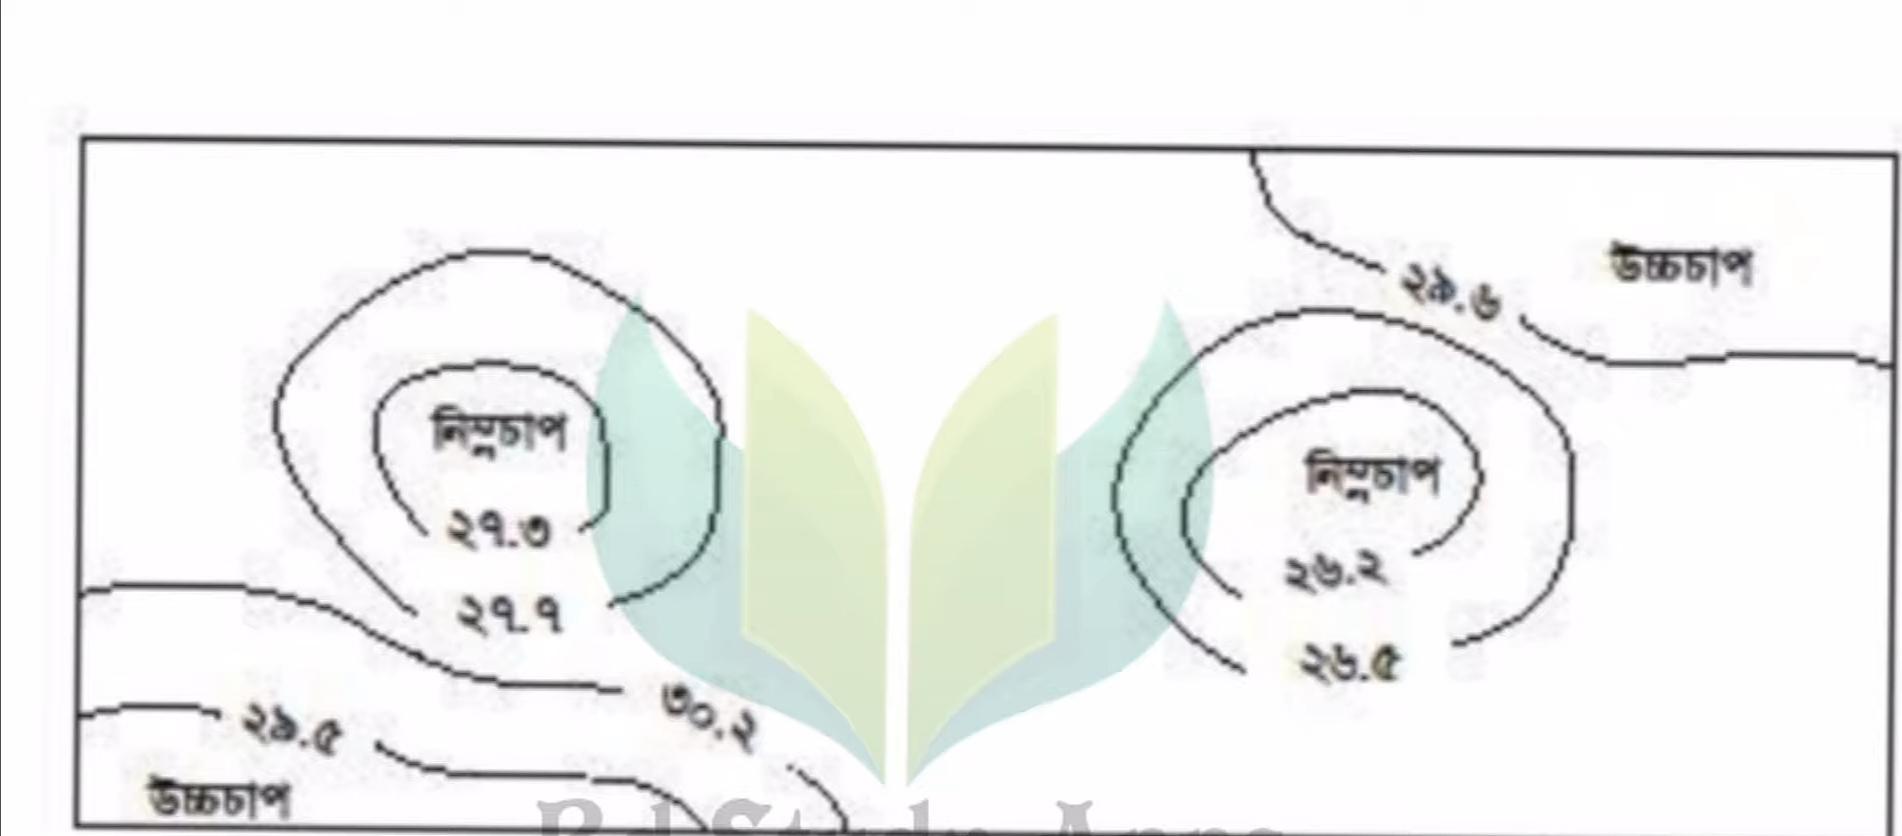 তাপগতীয় প্রক্রিয়ায়প্রসারণশীল গ্যাস দ্বারা কৃত কাজের পরিমাণ নির্ণয়করণ। তাপ ও তাপগতিবিদ্যার ধারণা ব্যাখ্যা করতে হবে https://www.banglanewsexpress.com/